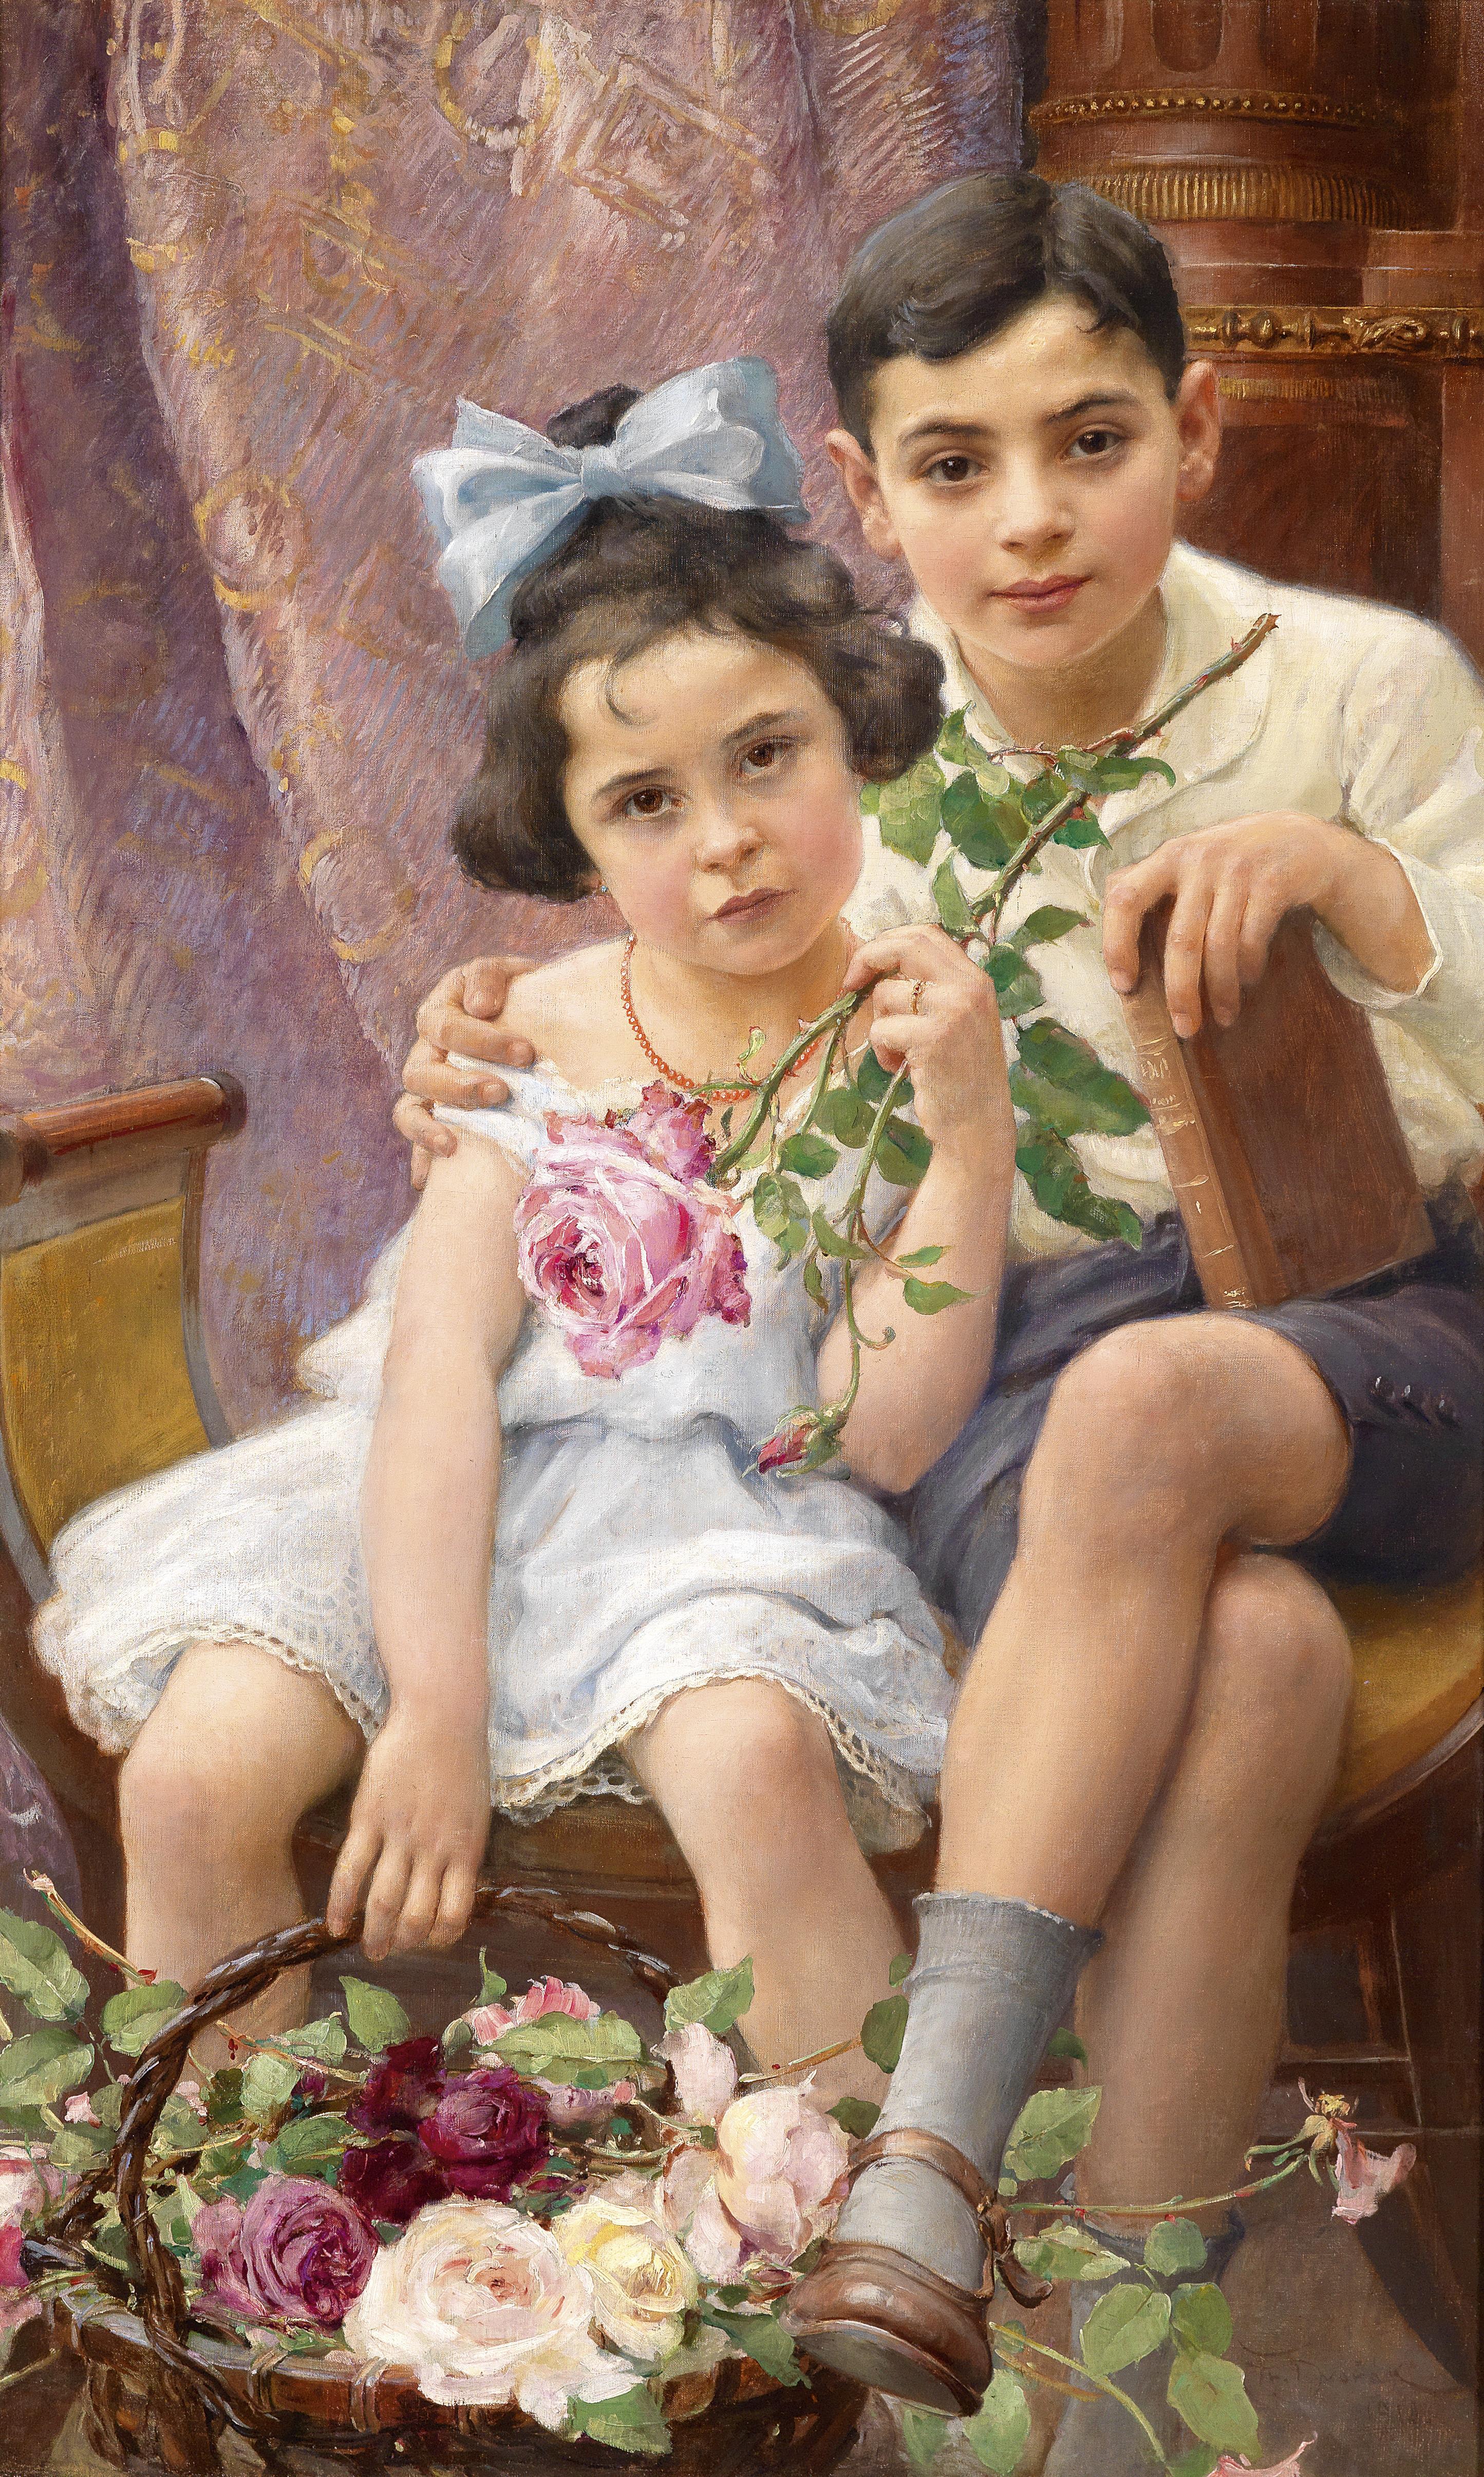 Сестра и брат расказ 15 фотография